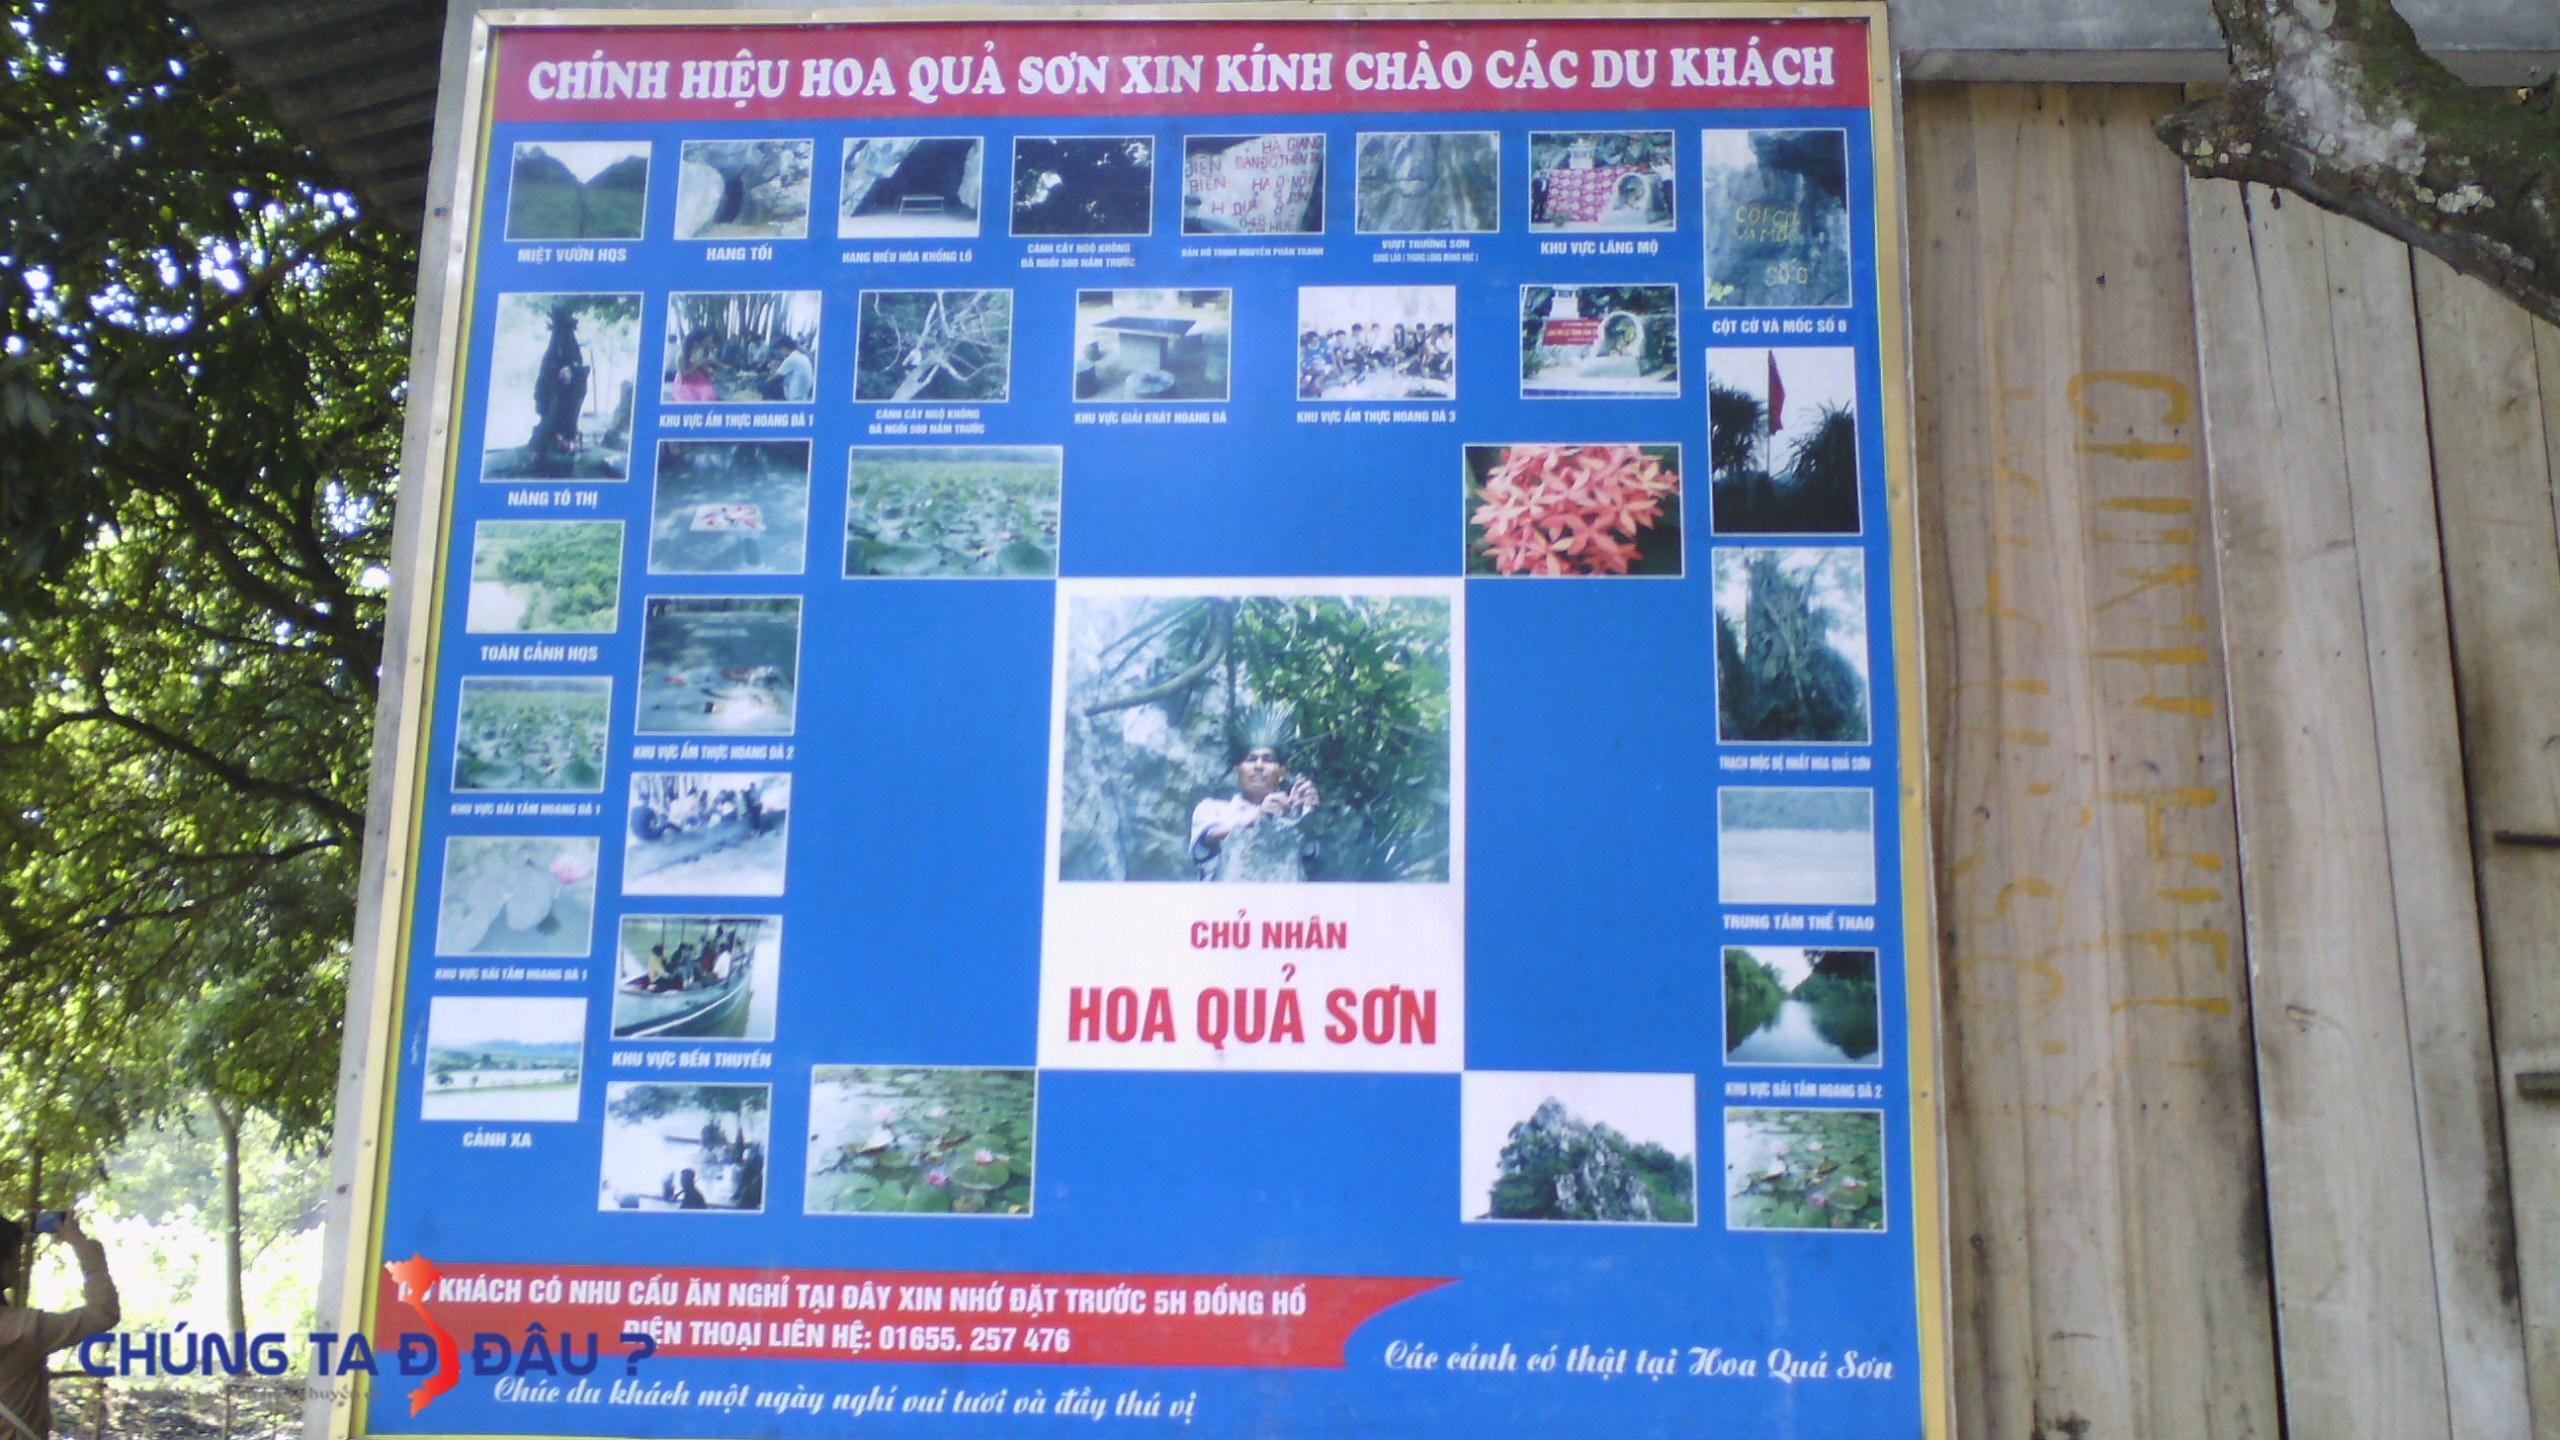 Các hình ảnh đặc trưng về Hoa Qủa Sơn